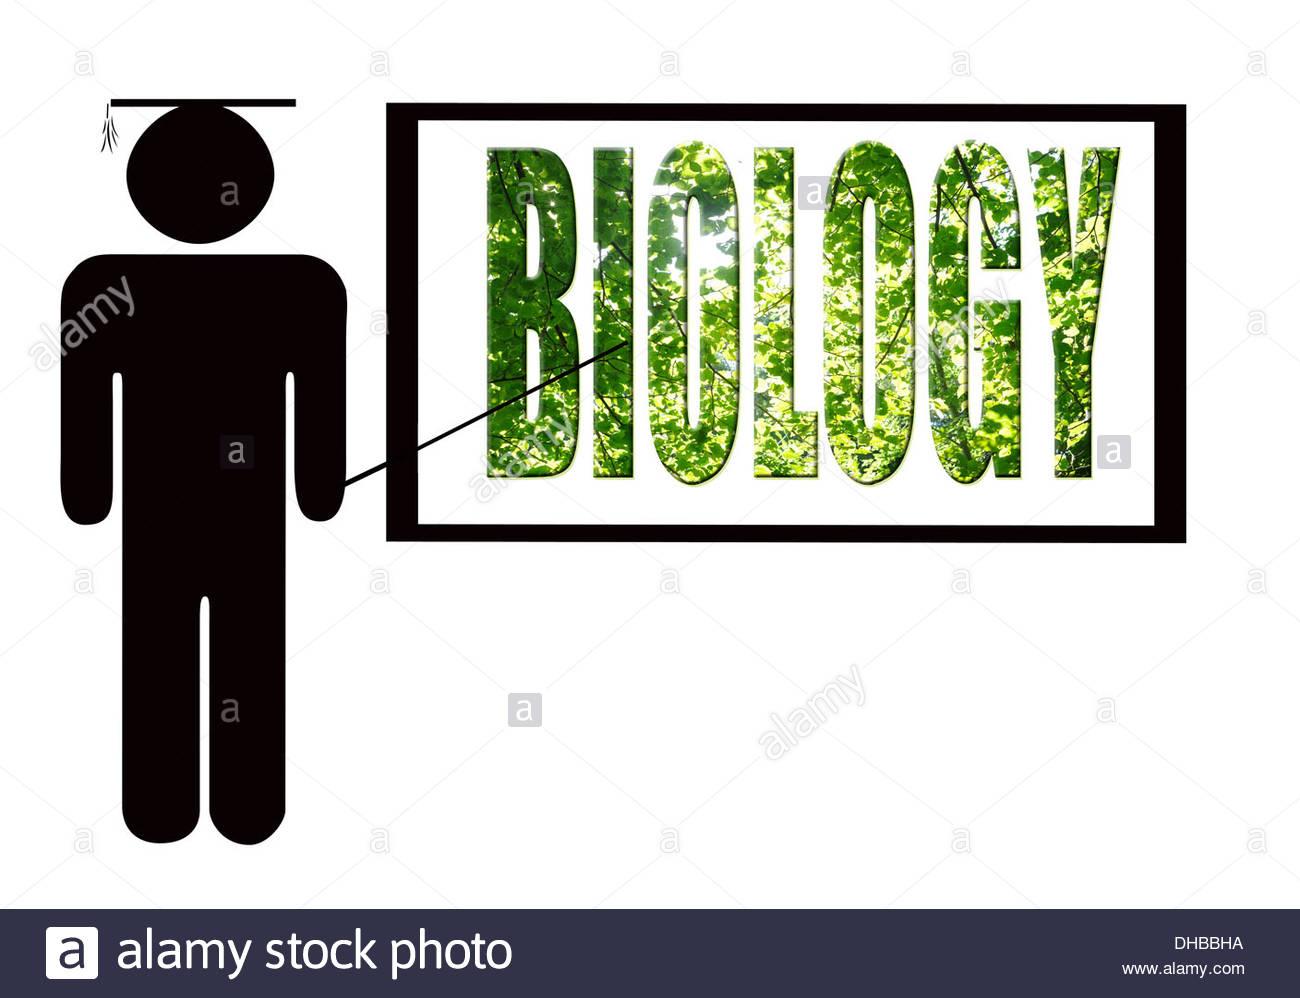 Composición digital - profesor de biología Imagen De Stock